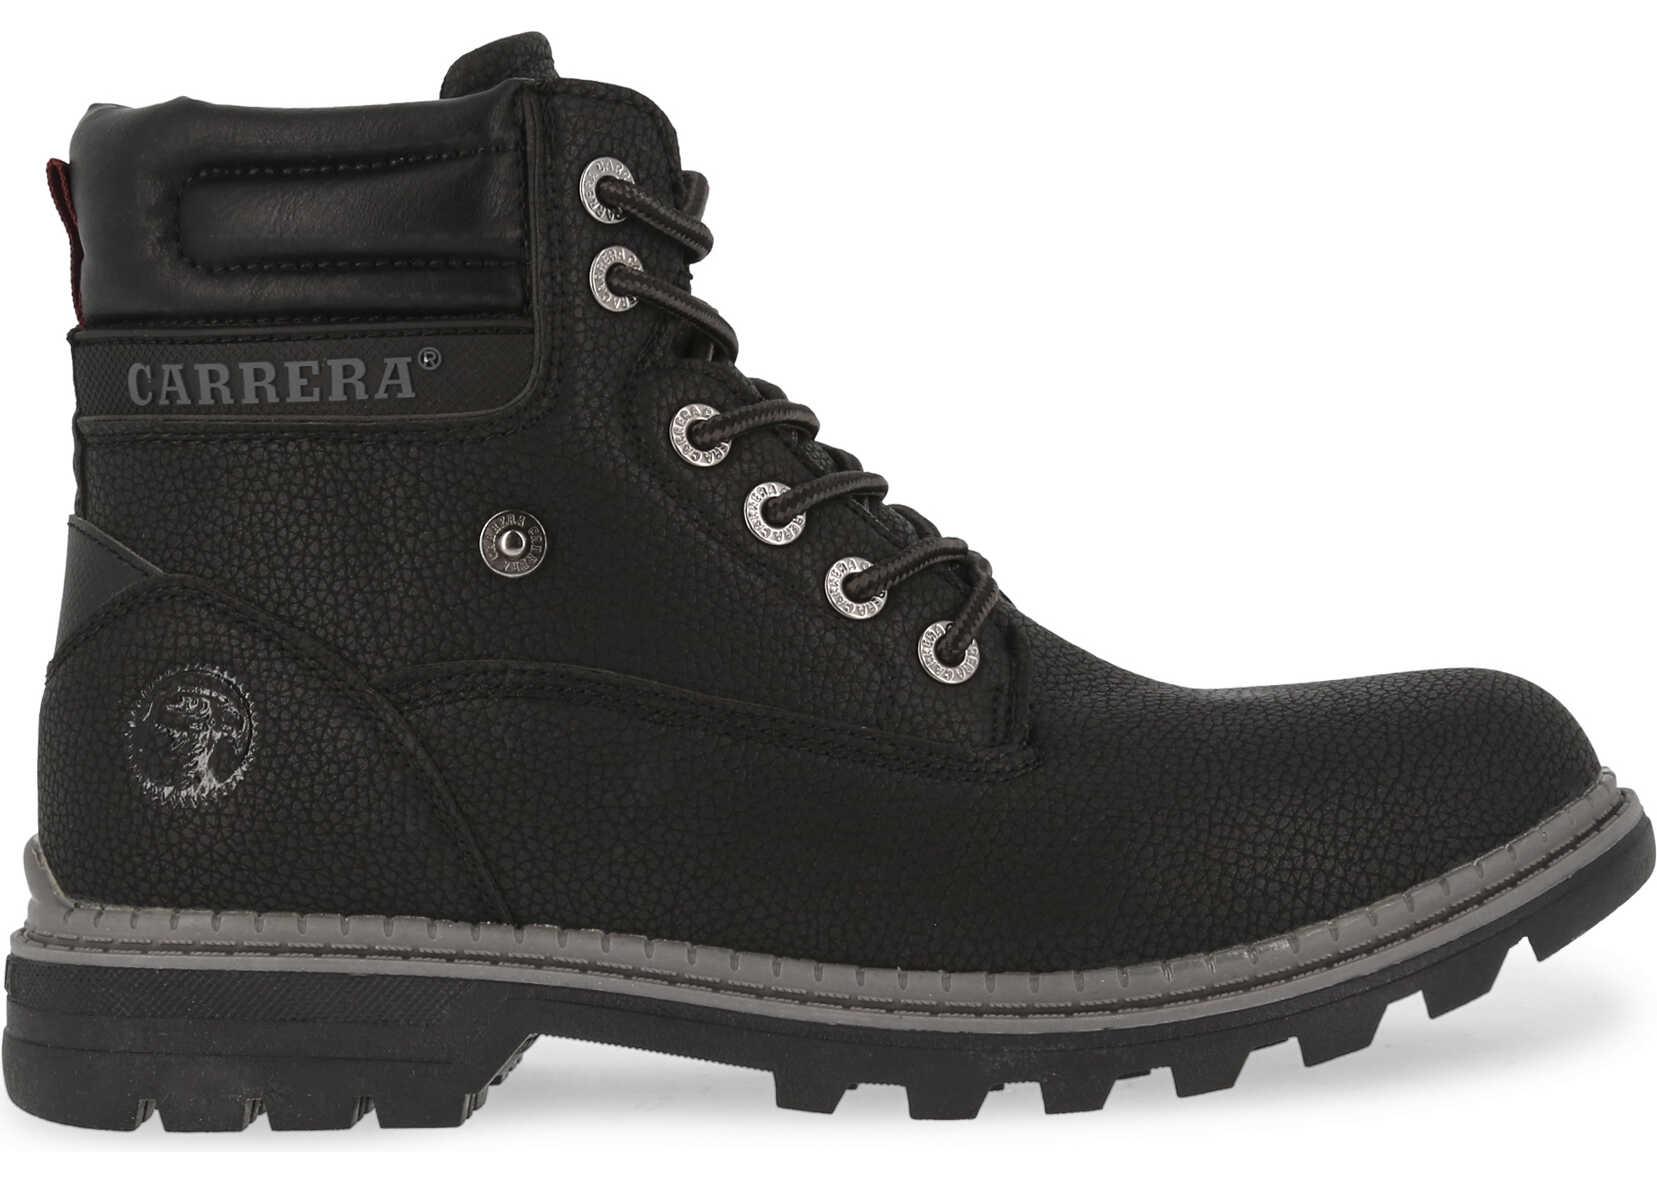 Carrera Jeans Tennesse_Cam721002 Black